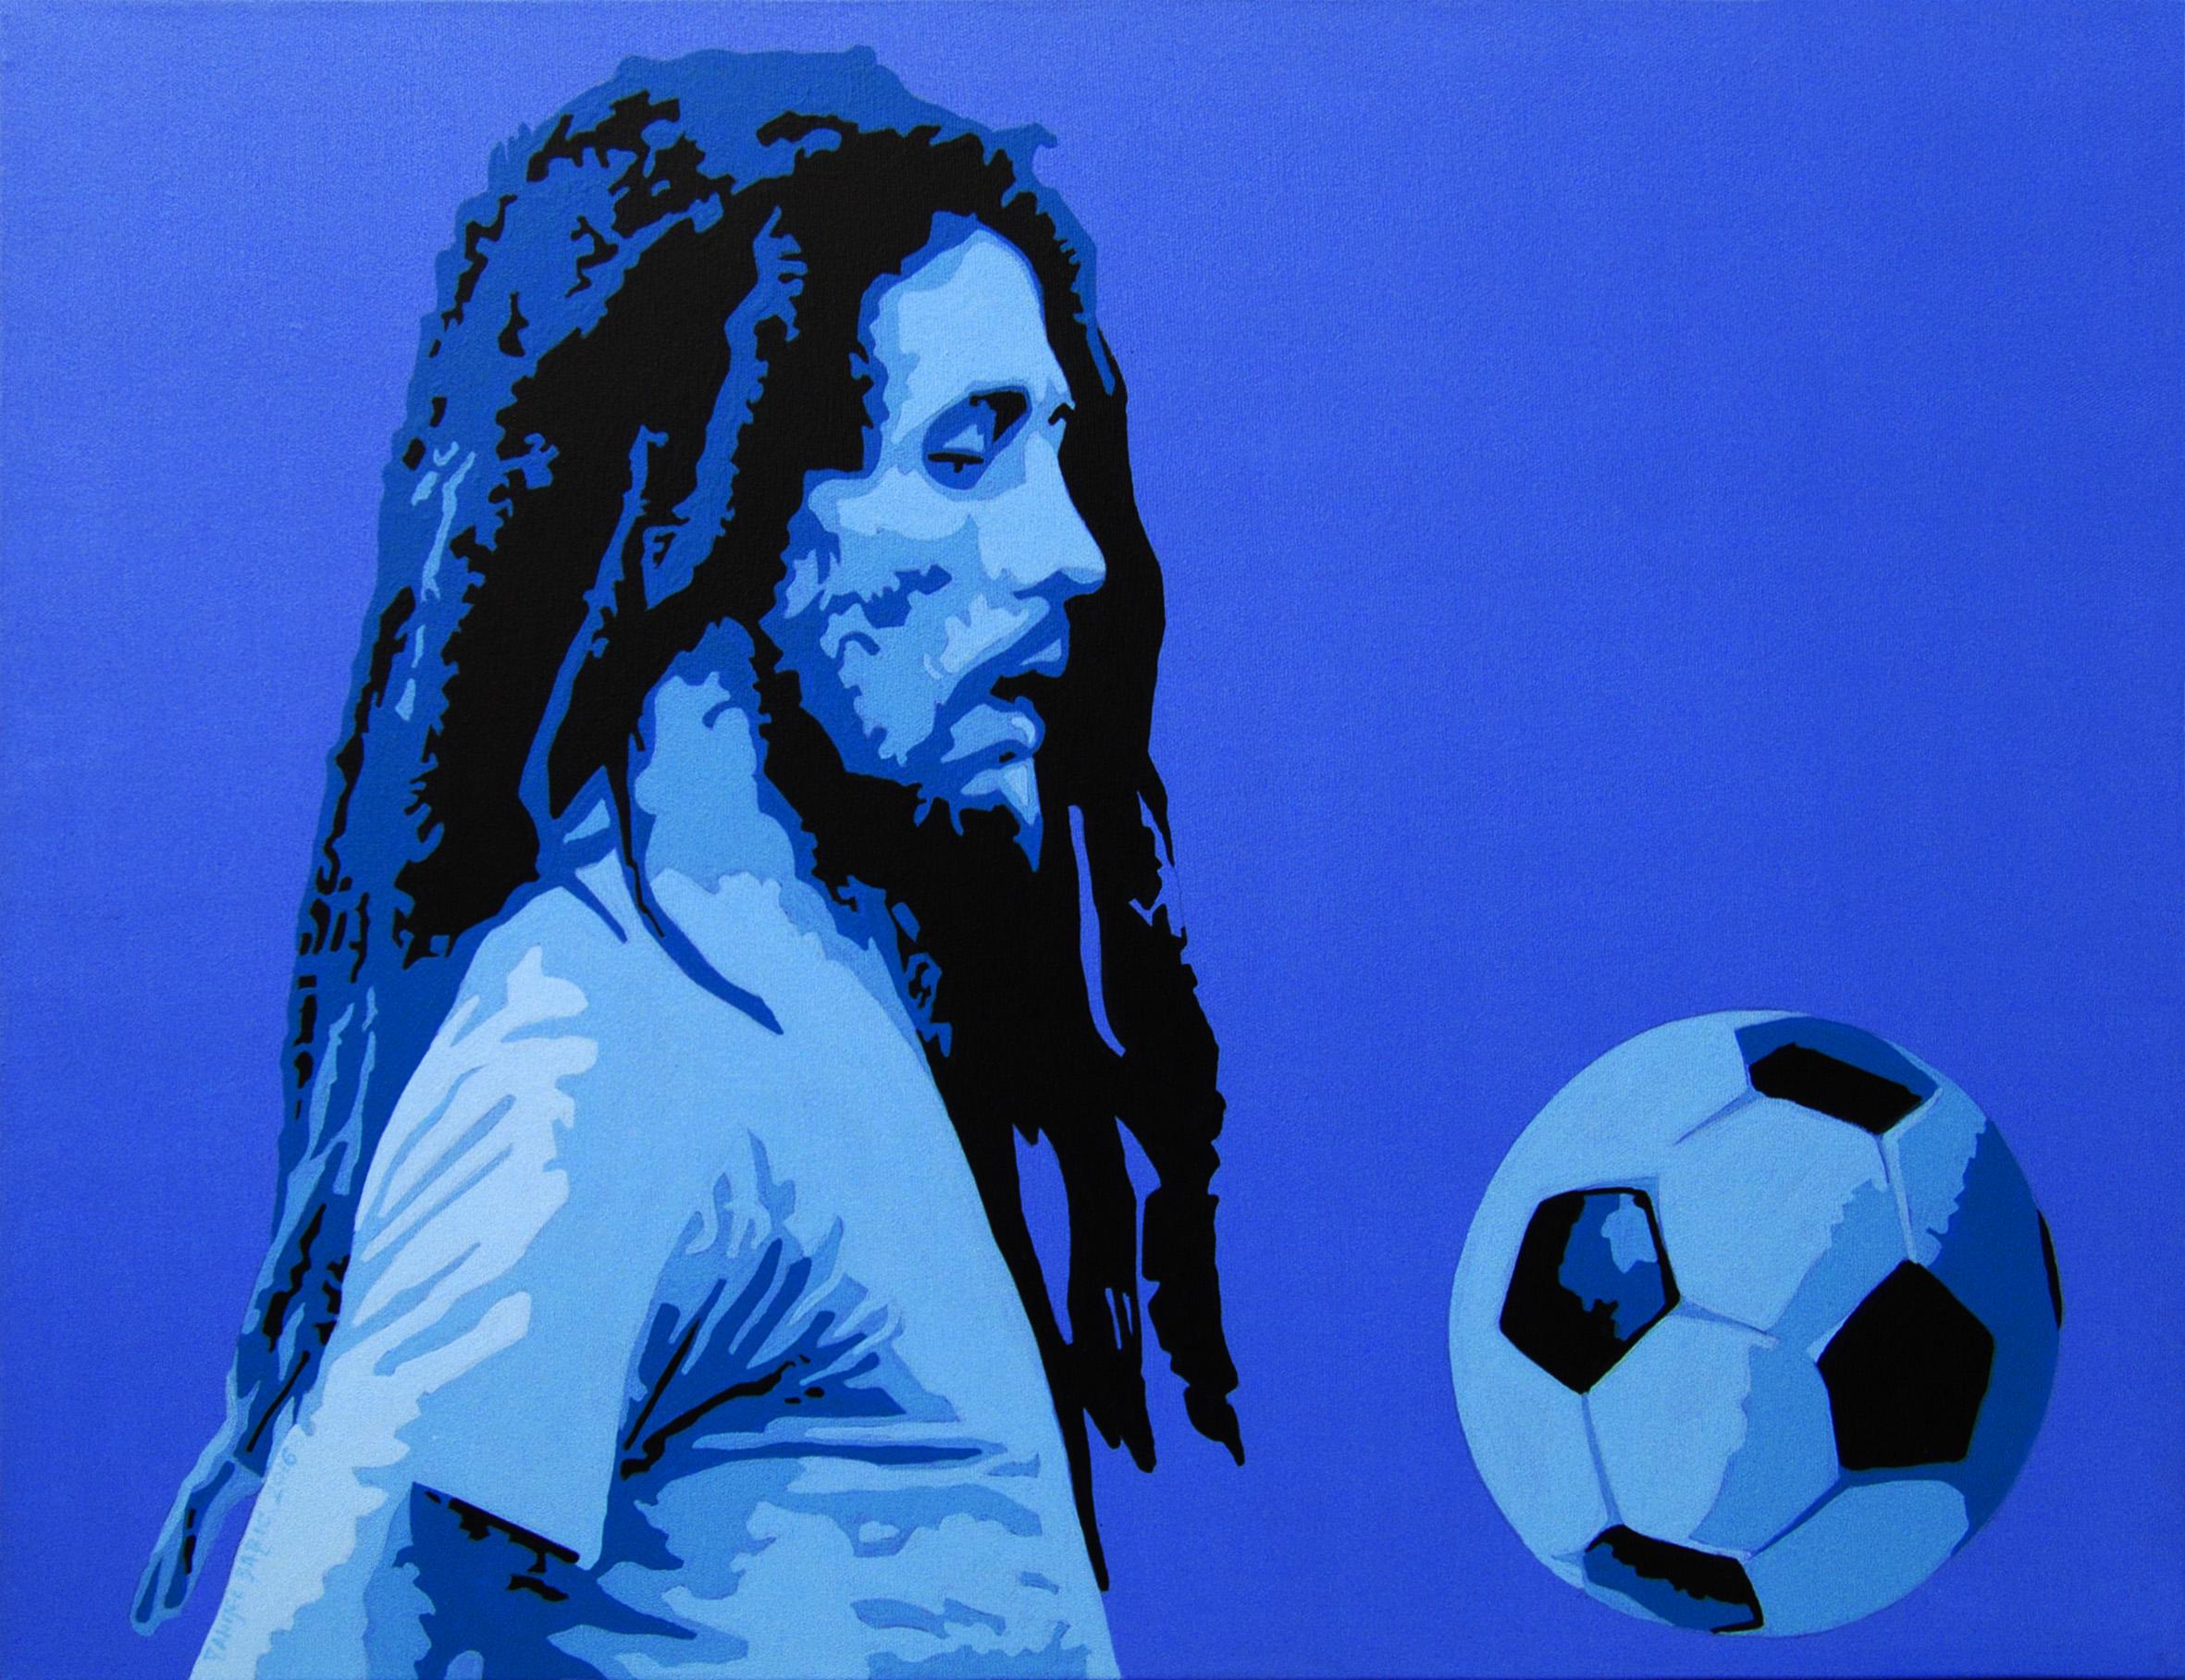 Football Marley, 2016, 60 x 80 cm, acrylic on canvas